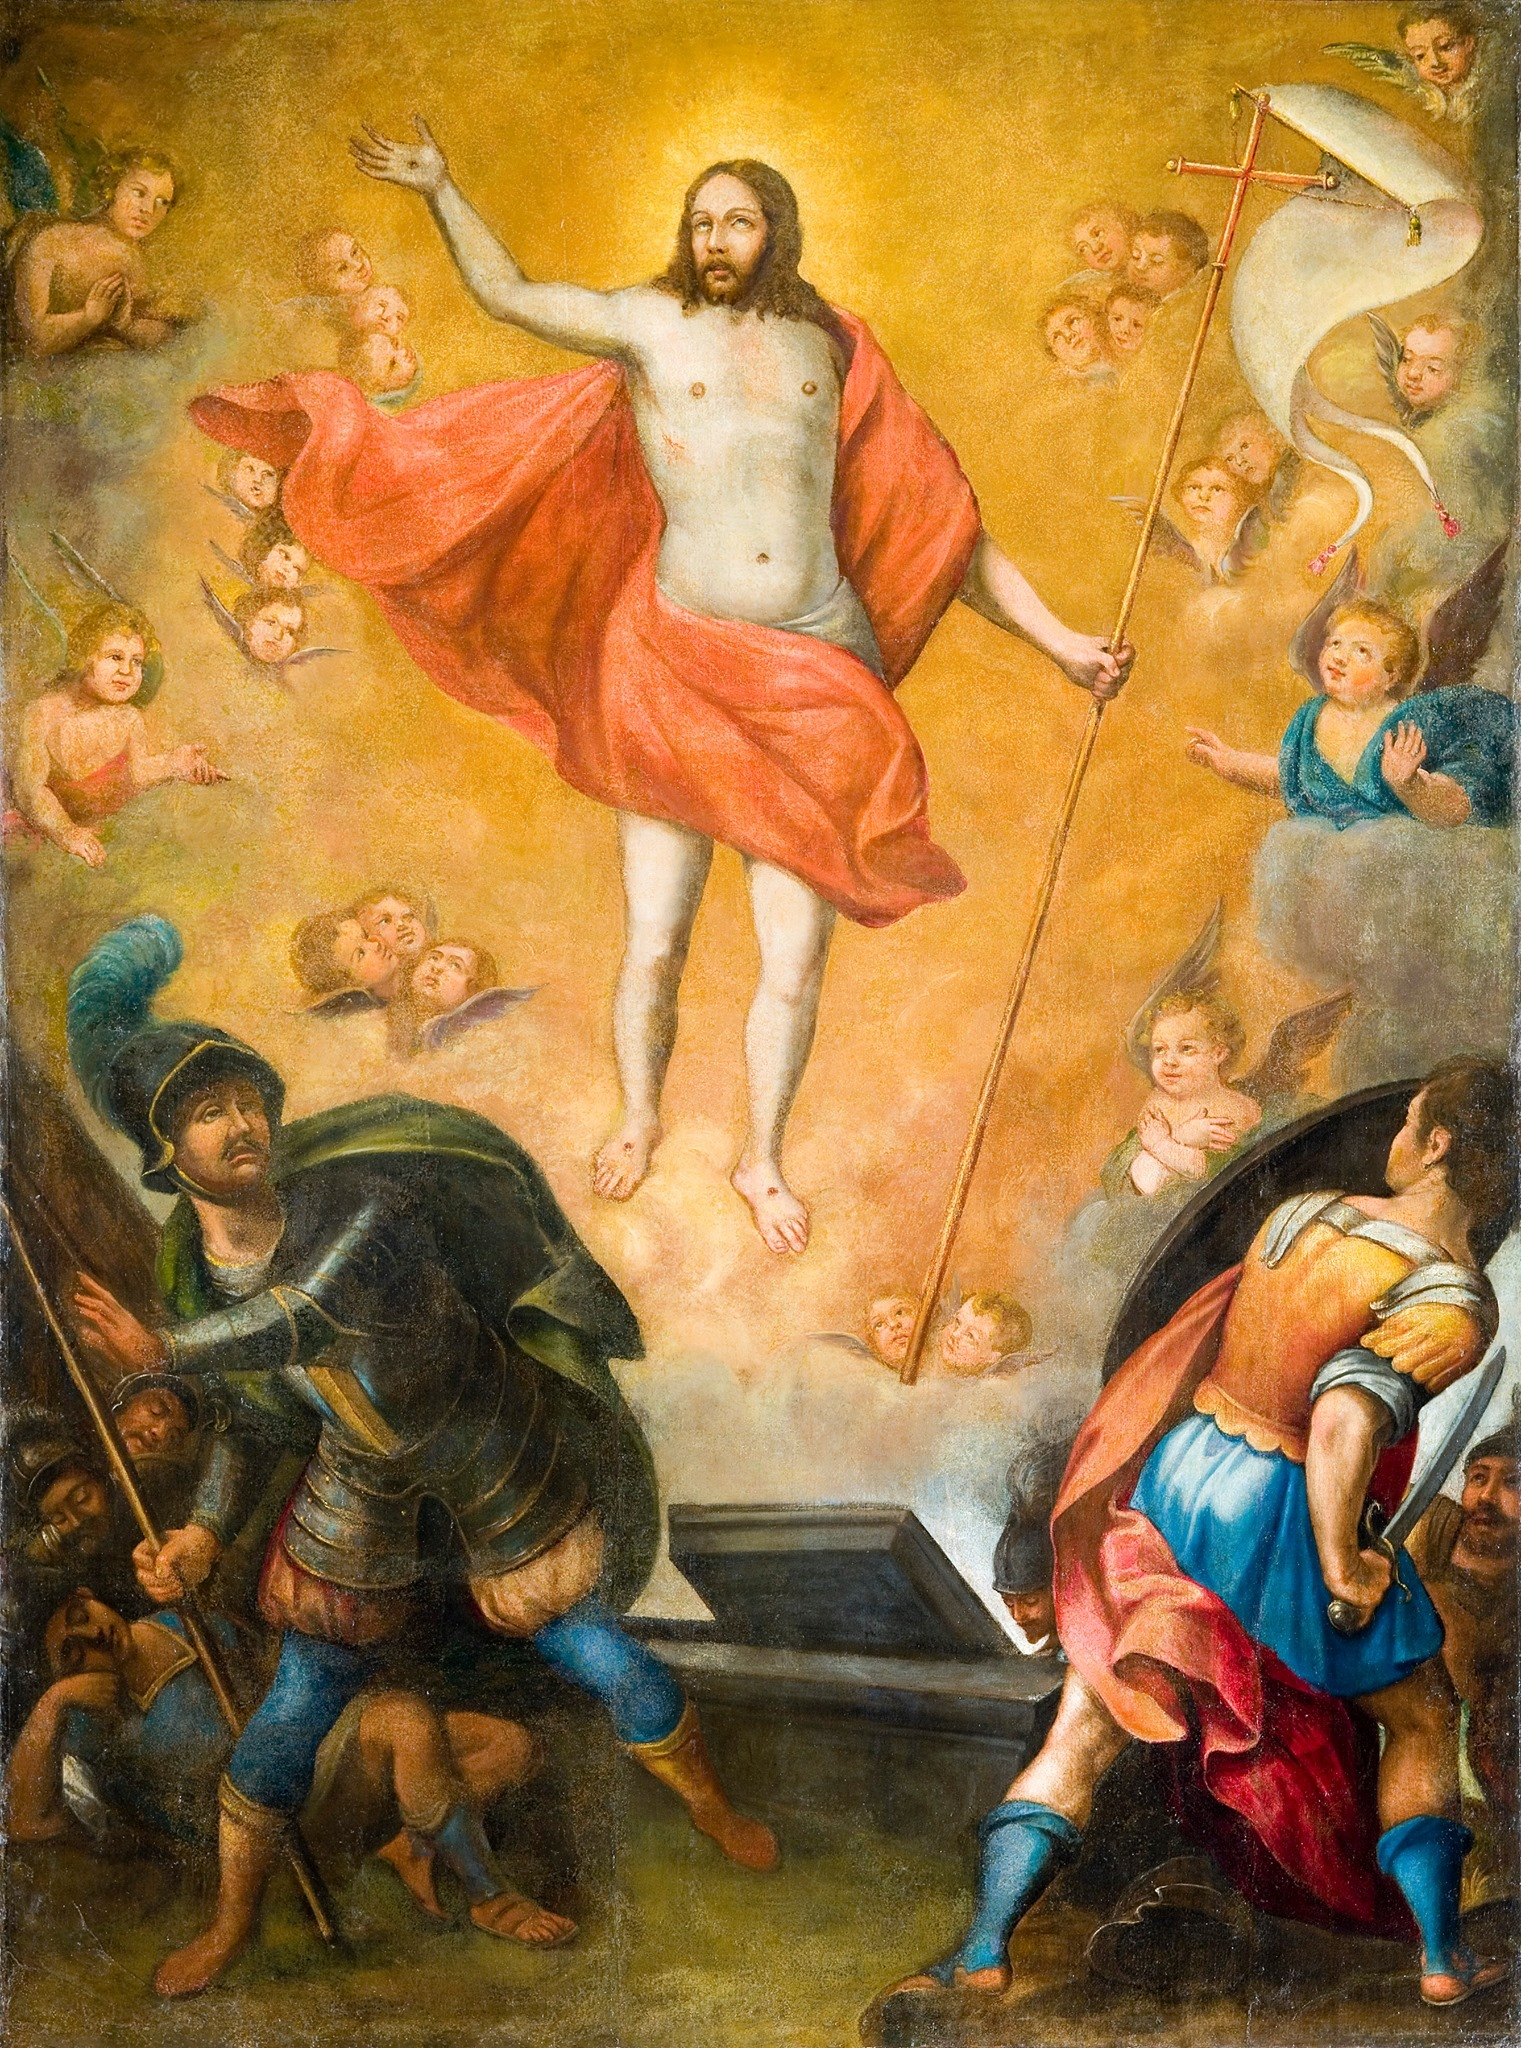 7 telas para o Calendário Litúrgico | Ressurreição | Visita temática à Igreja de São Roque